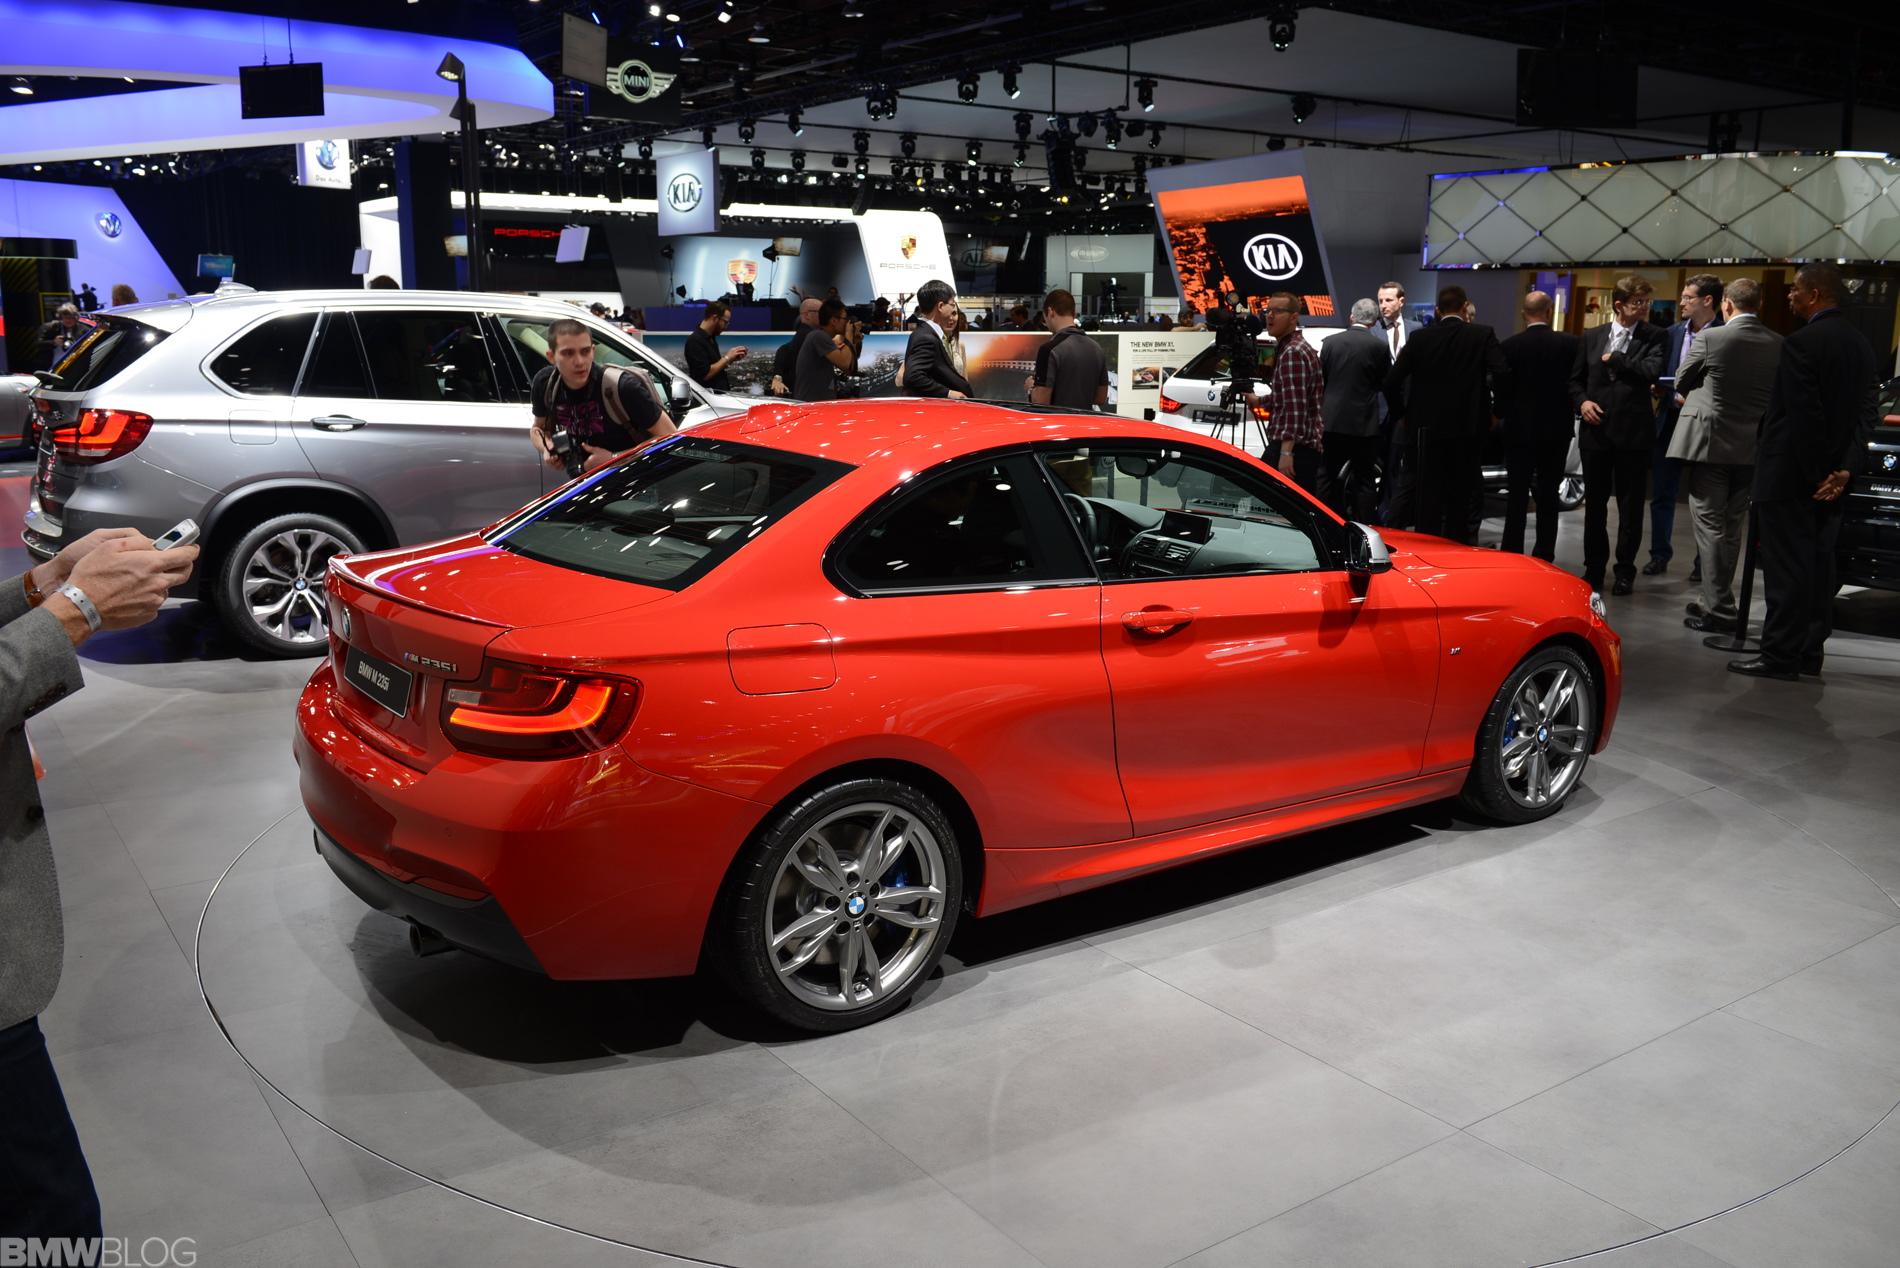 bmw m235i detroit auto show images 01